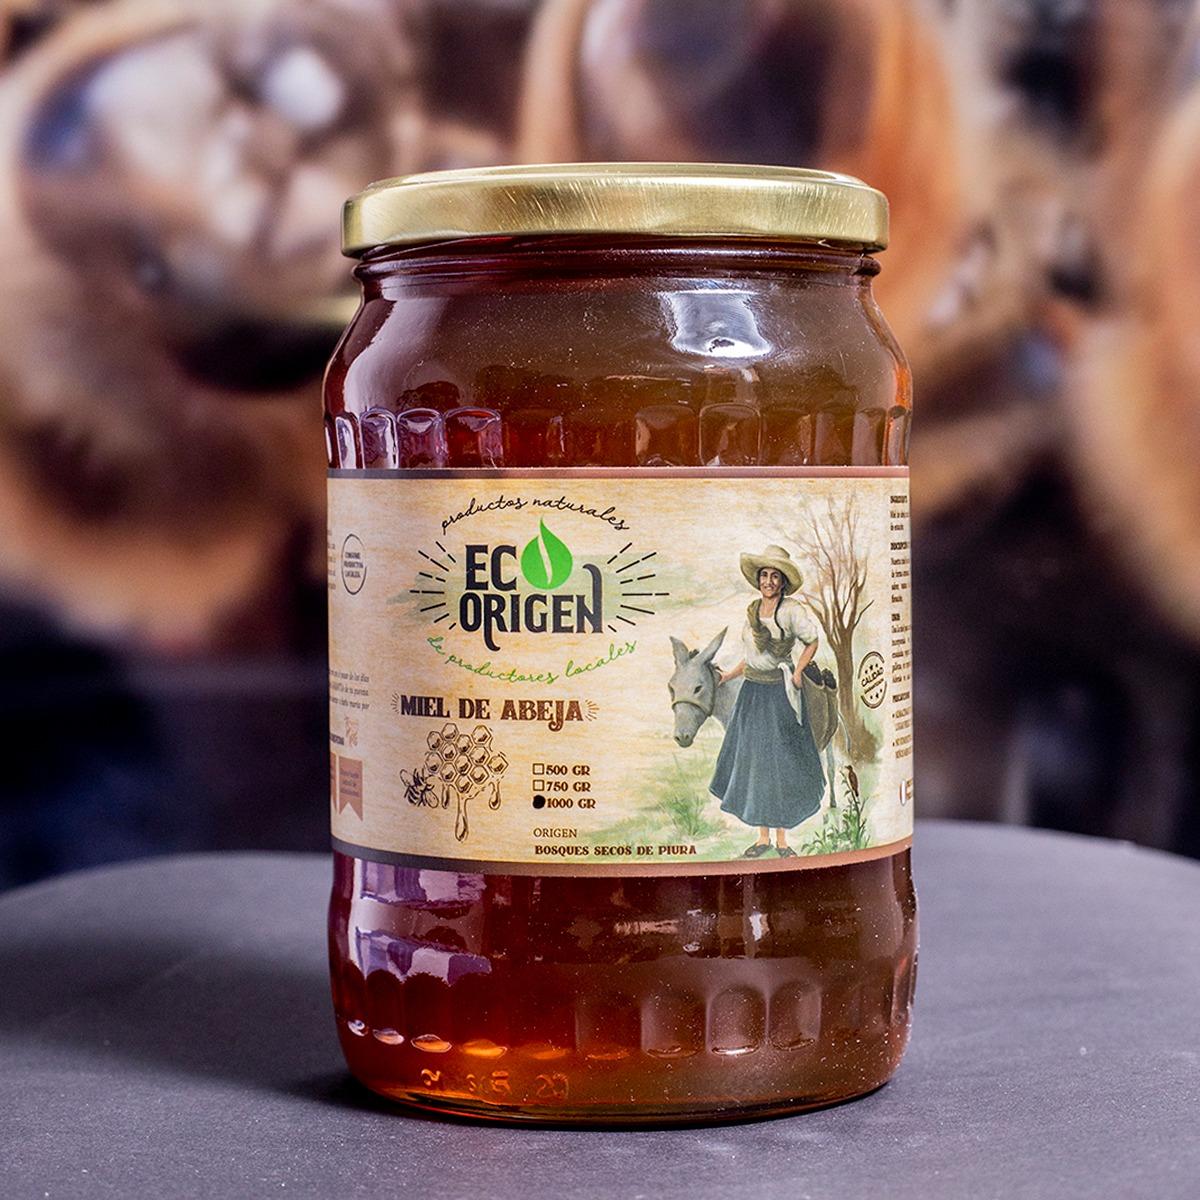 Miel de abeja portada foto